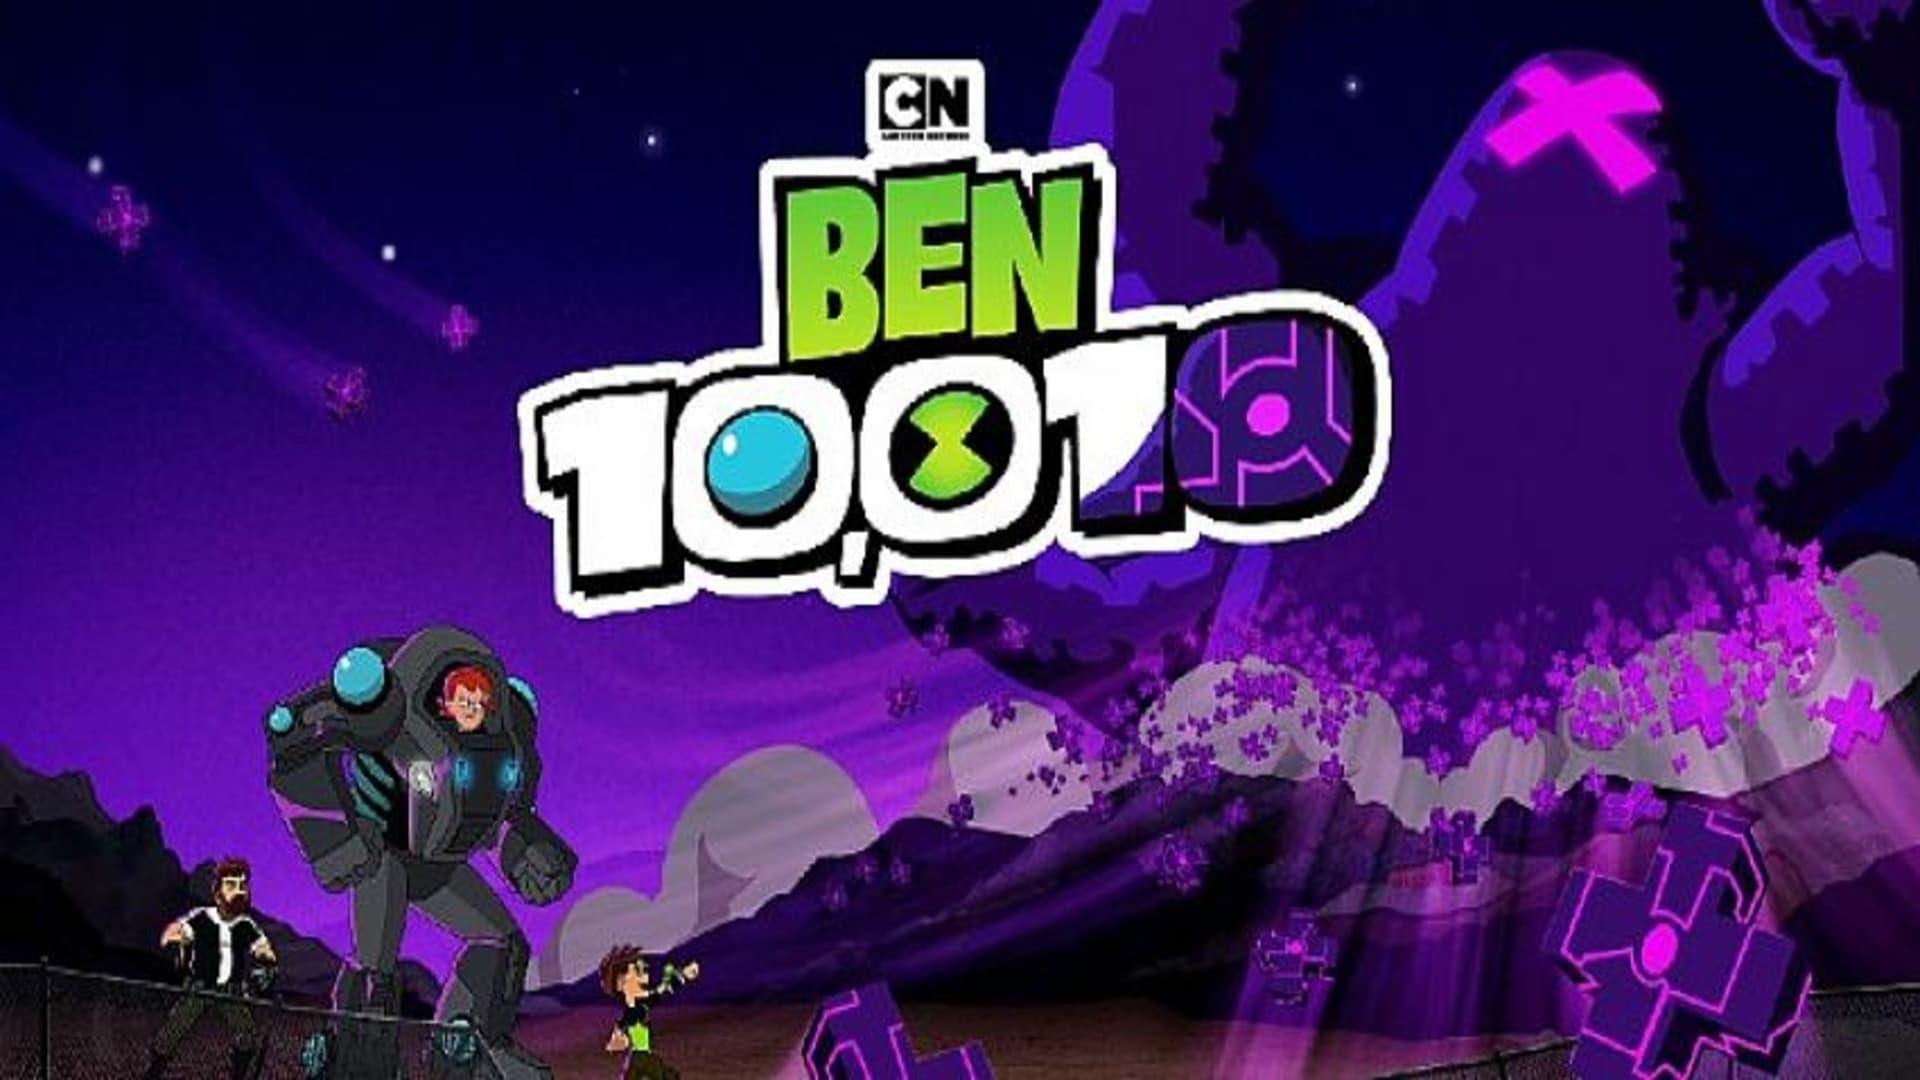 Ben 10: Ben 10,010 (2021) Watch Online